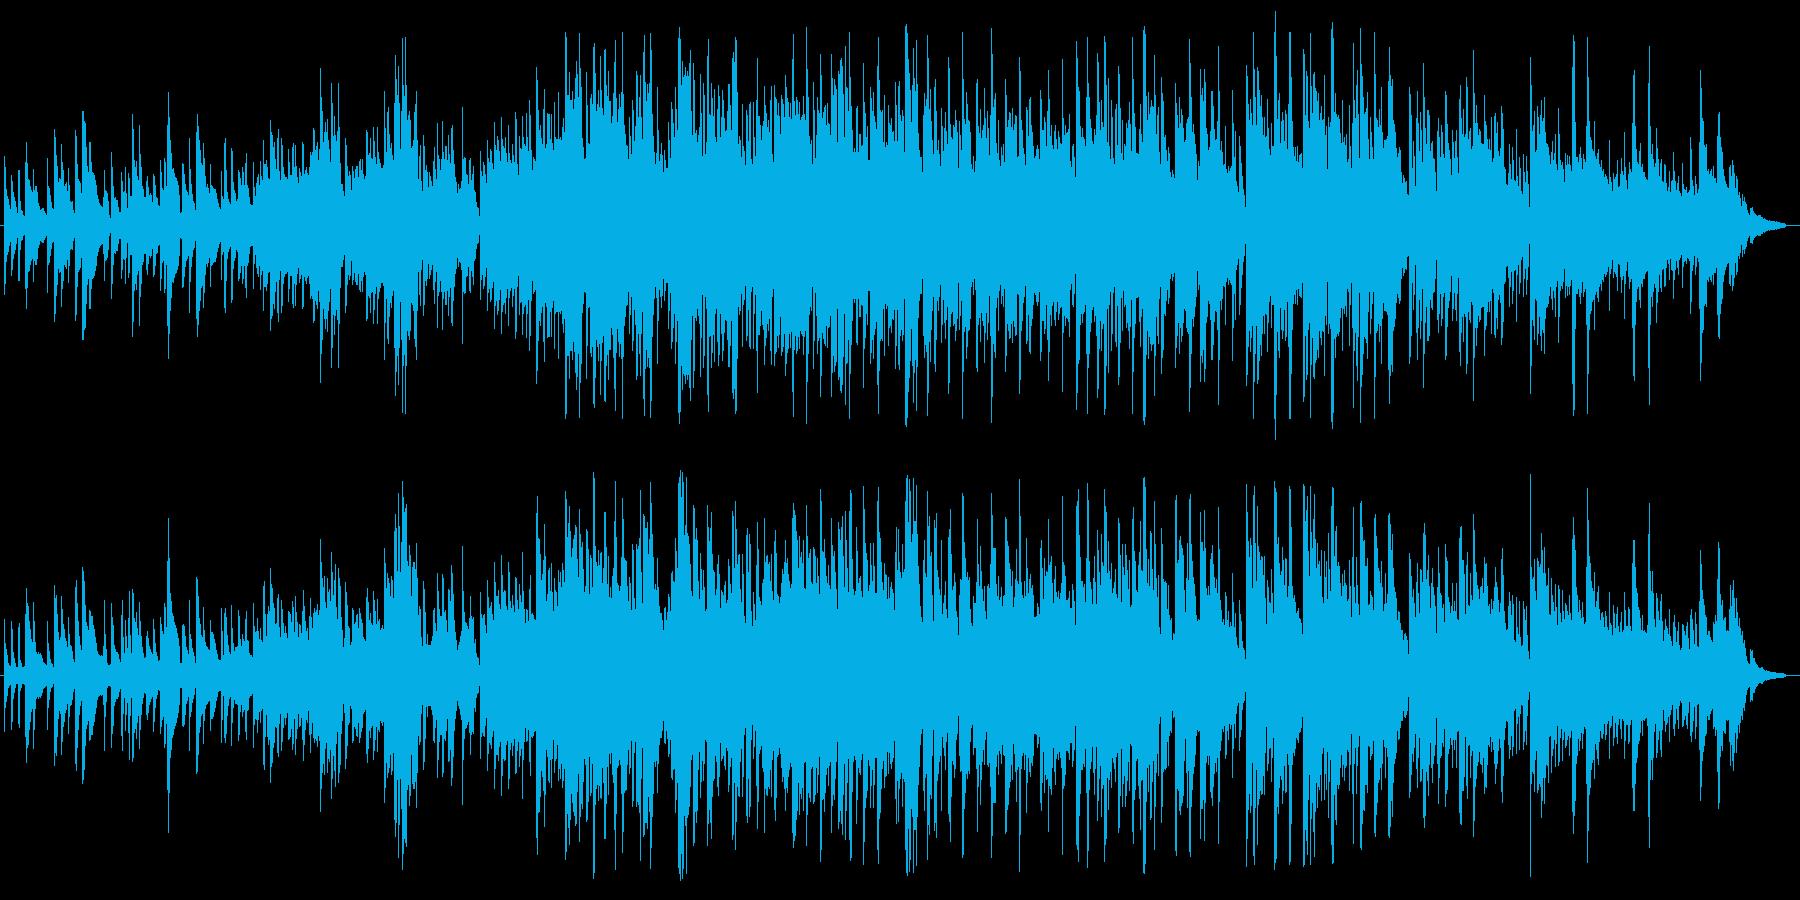 七夕の星空がイメージの穏やかな曲の再生済みの波形